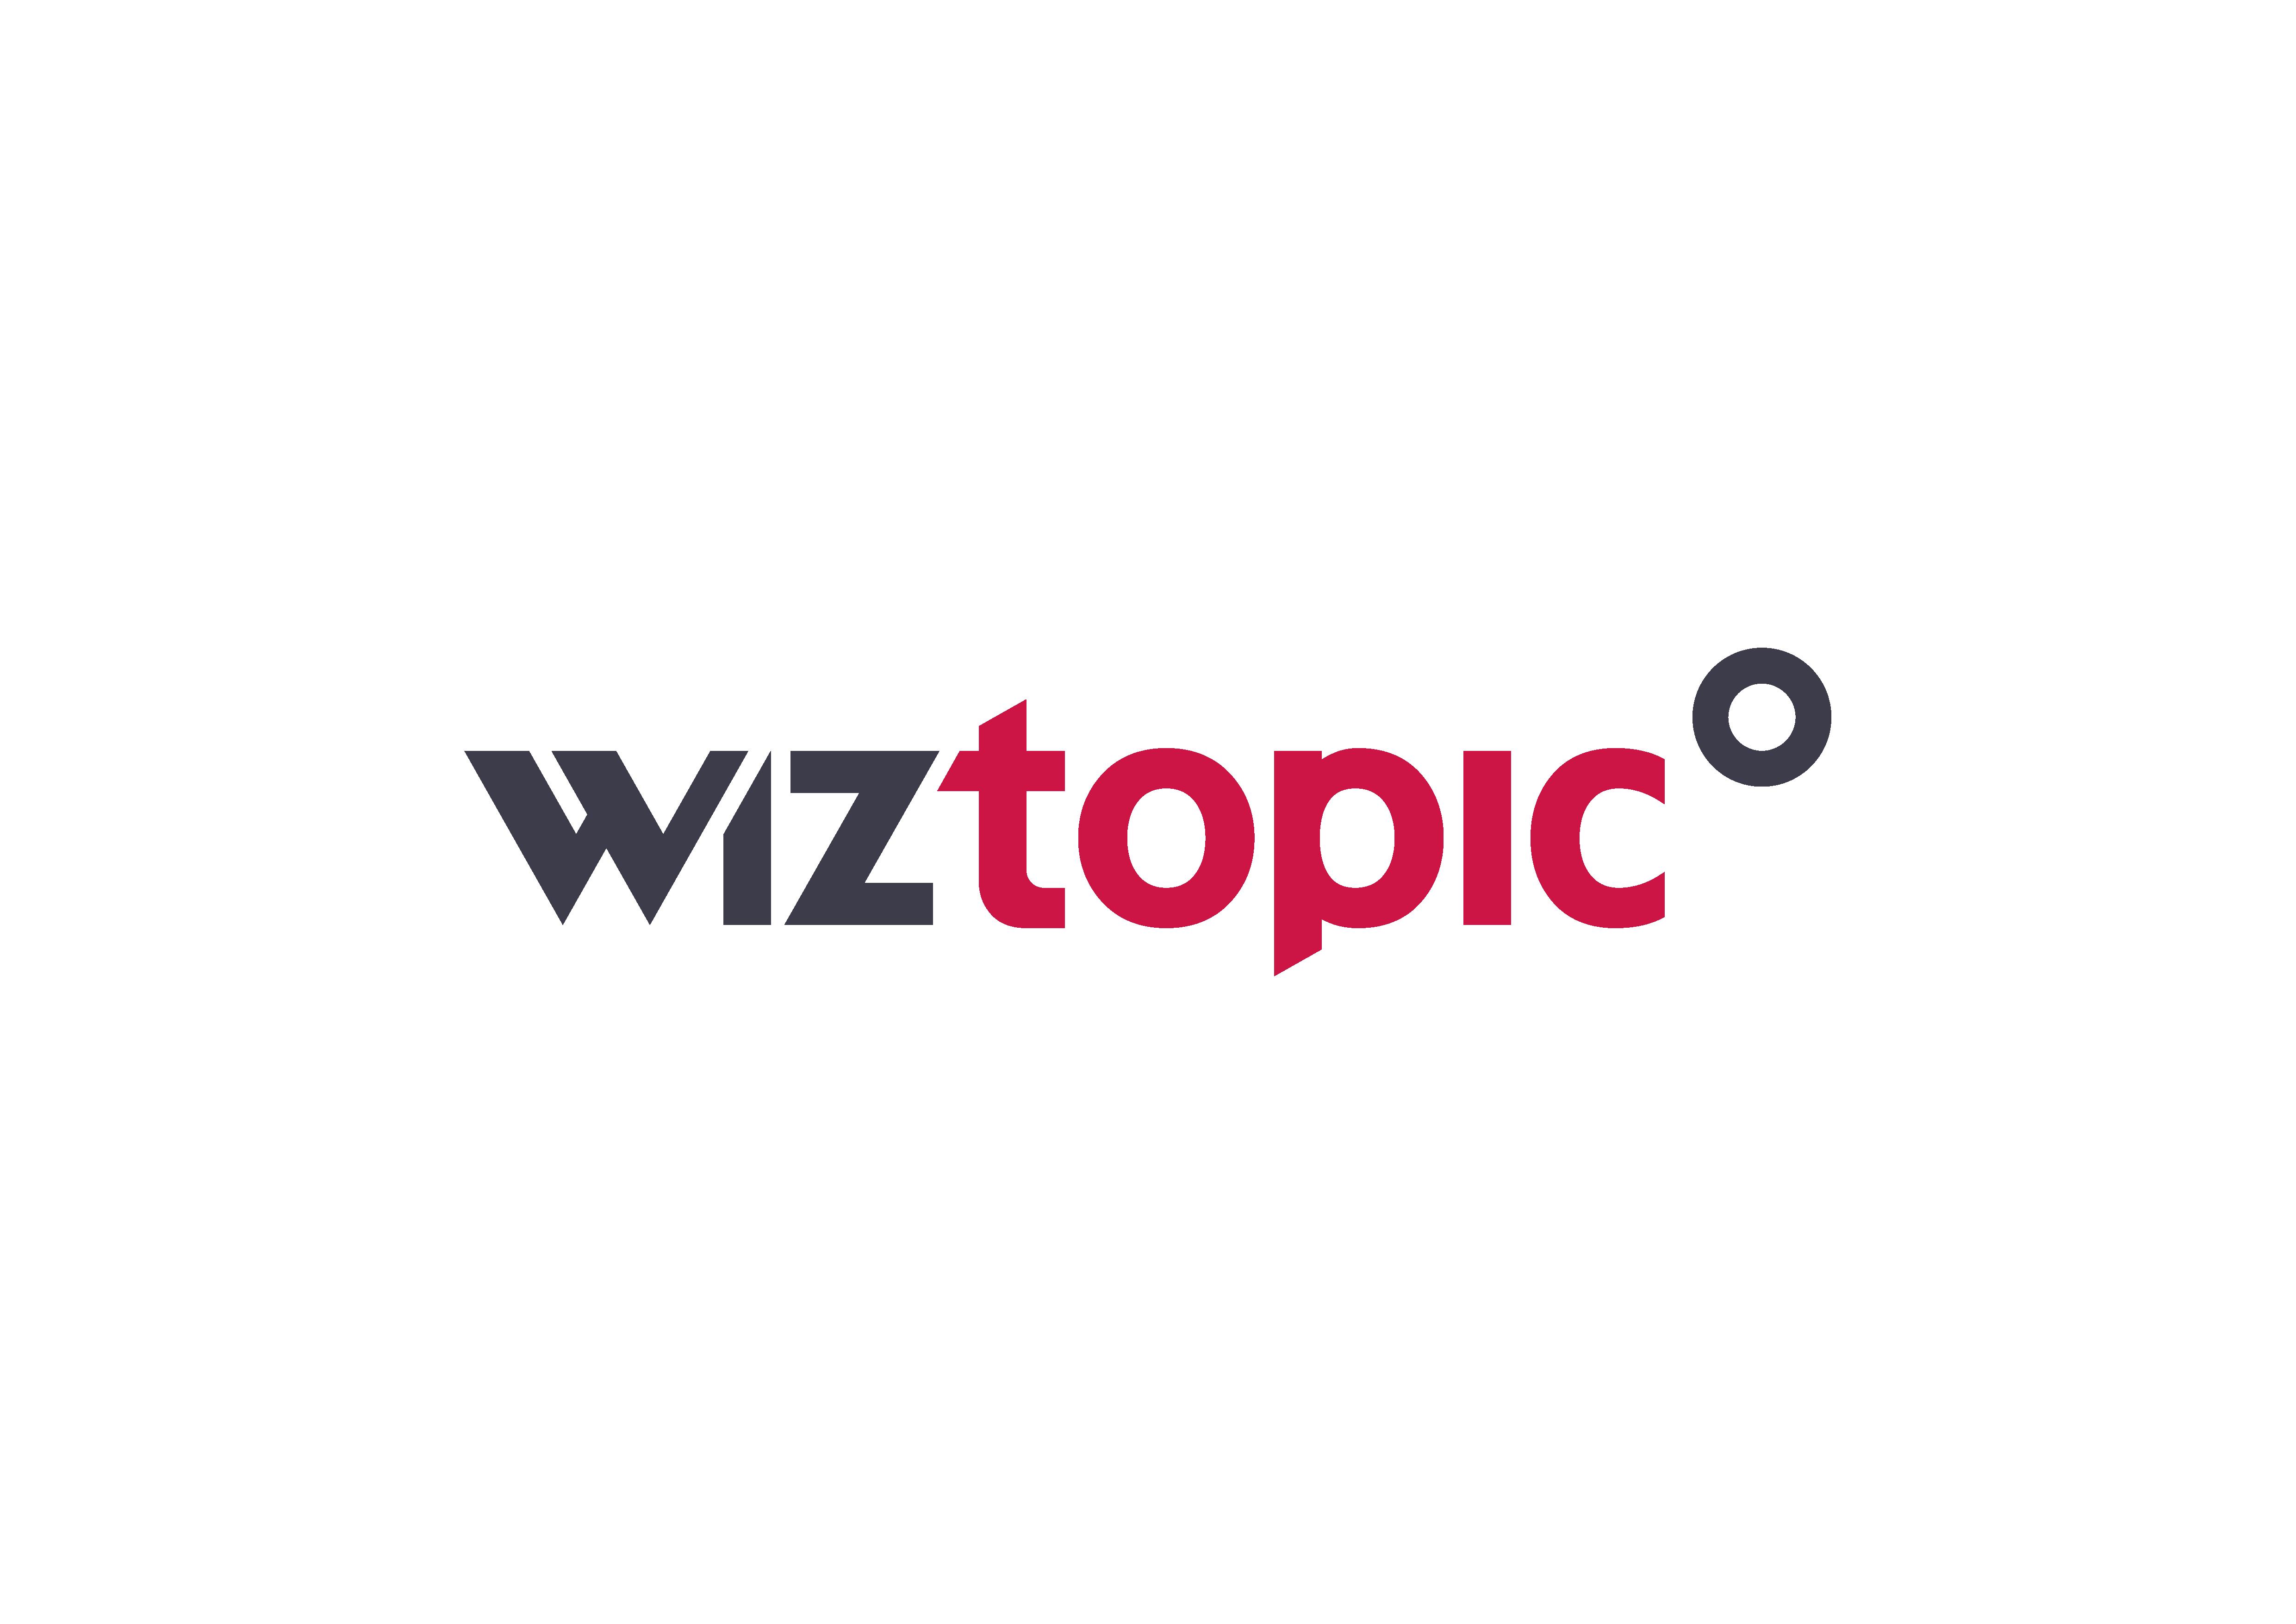 Avis Wiztopic : Gérer, Certifier, Diffuser et Mesurer votre communication - Appvizer